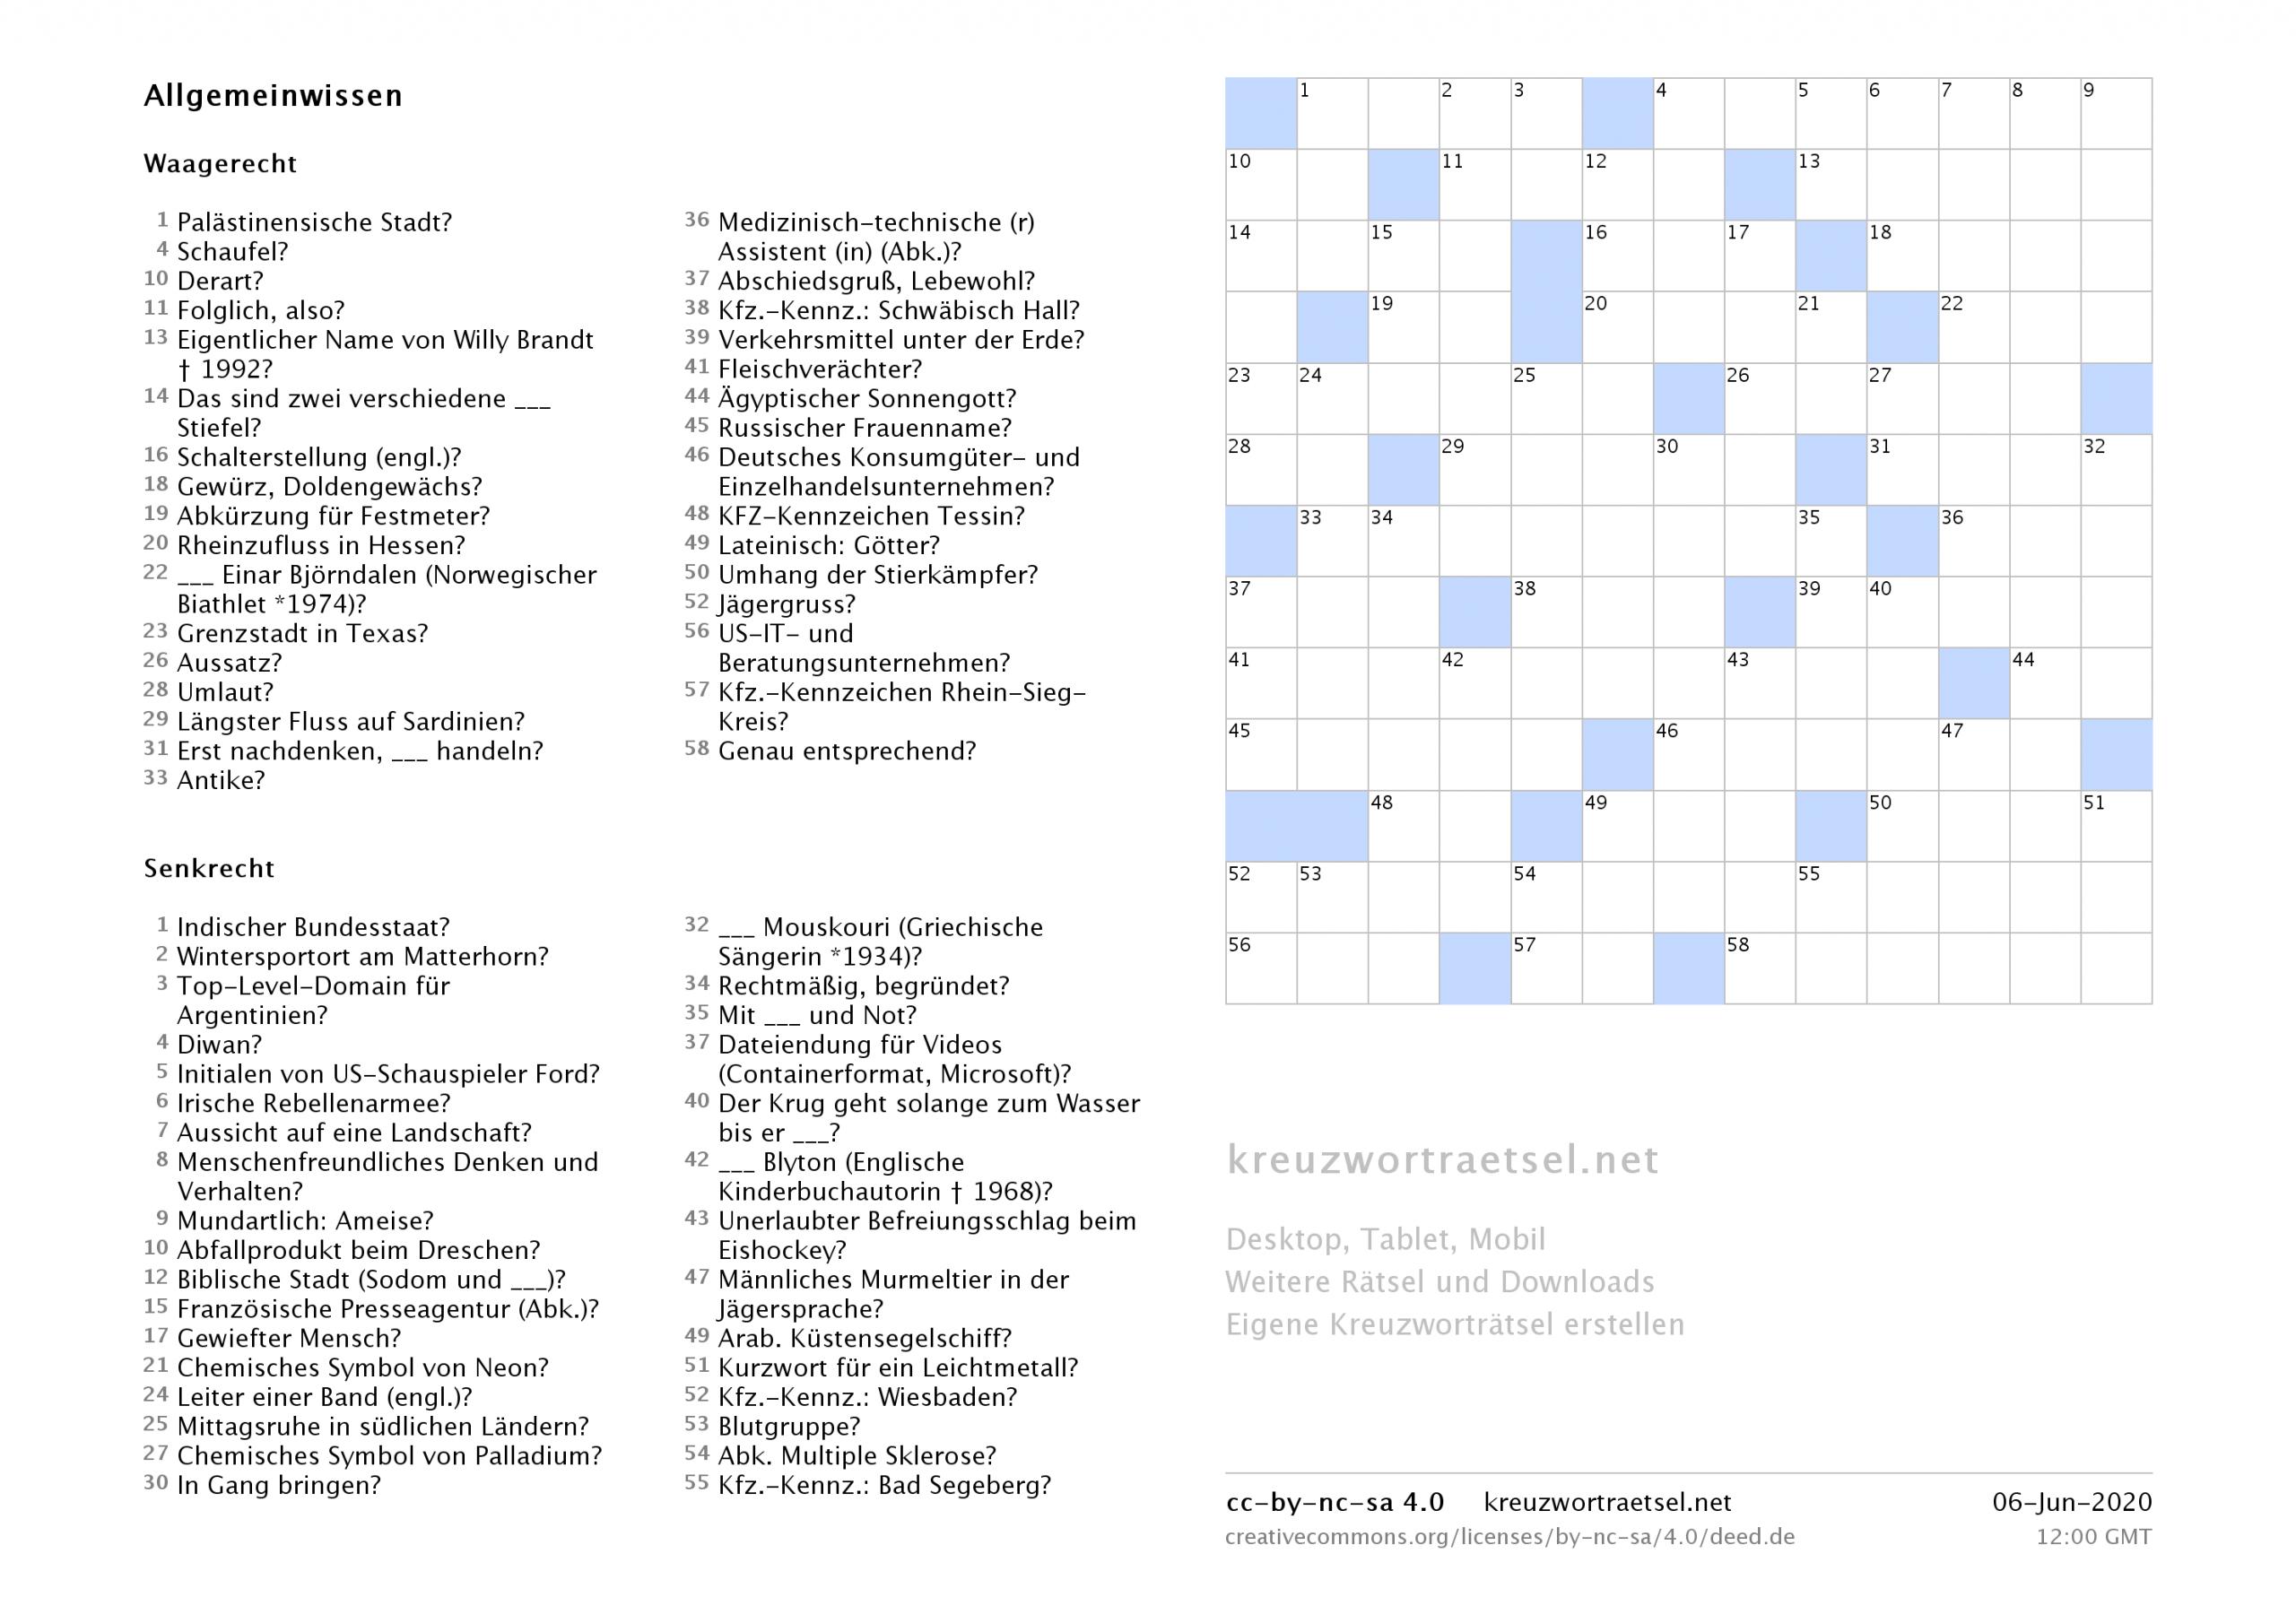 Kreuzworträtsel Zum Ausdrucken  Kreuzworträtsel ganzes Lustige Rätsel Zum Ausdrucken Kostenlos